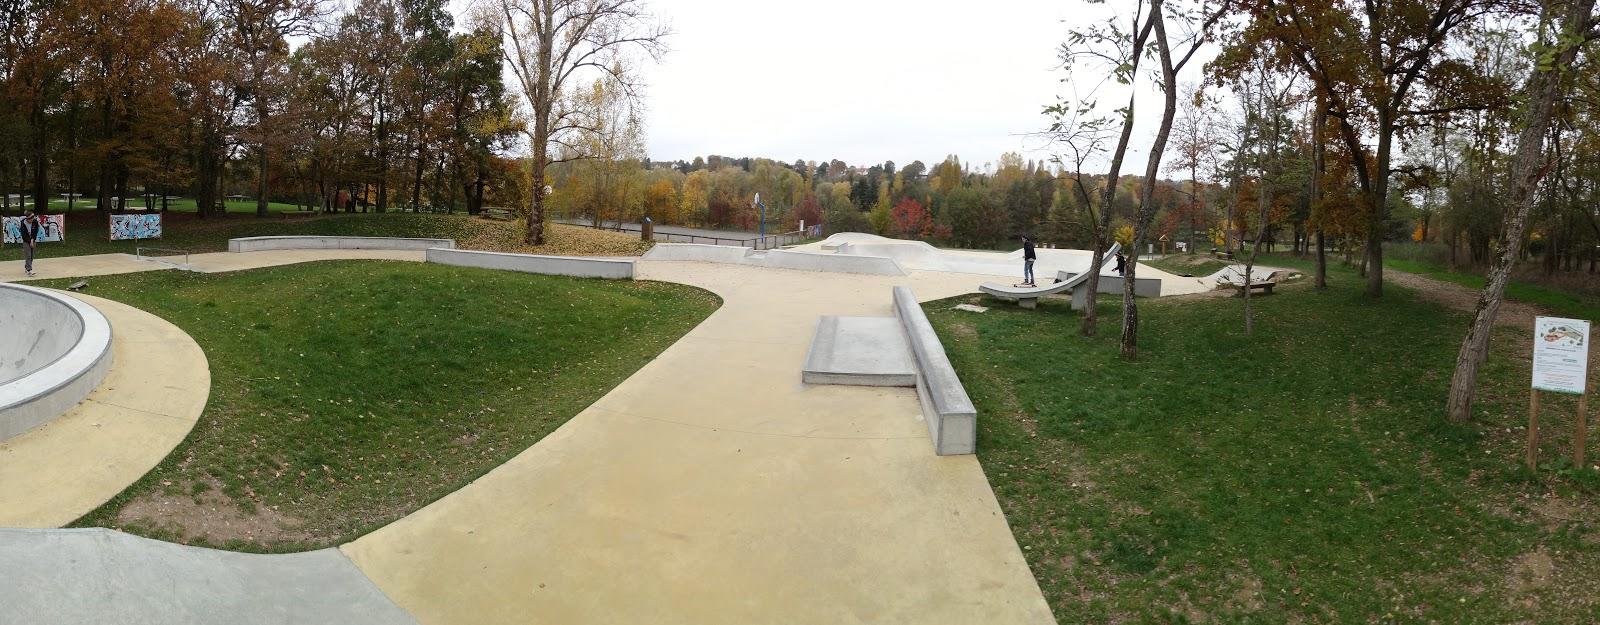 Skate+park+skatepark+Bois+le+Roi+3JPG ~ Skatepark Bois Le Roi